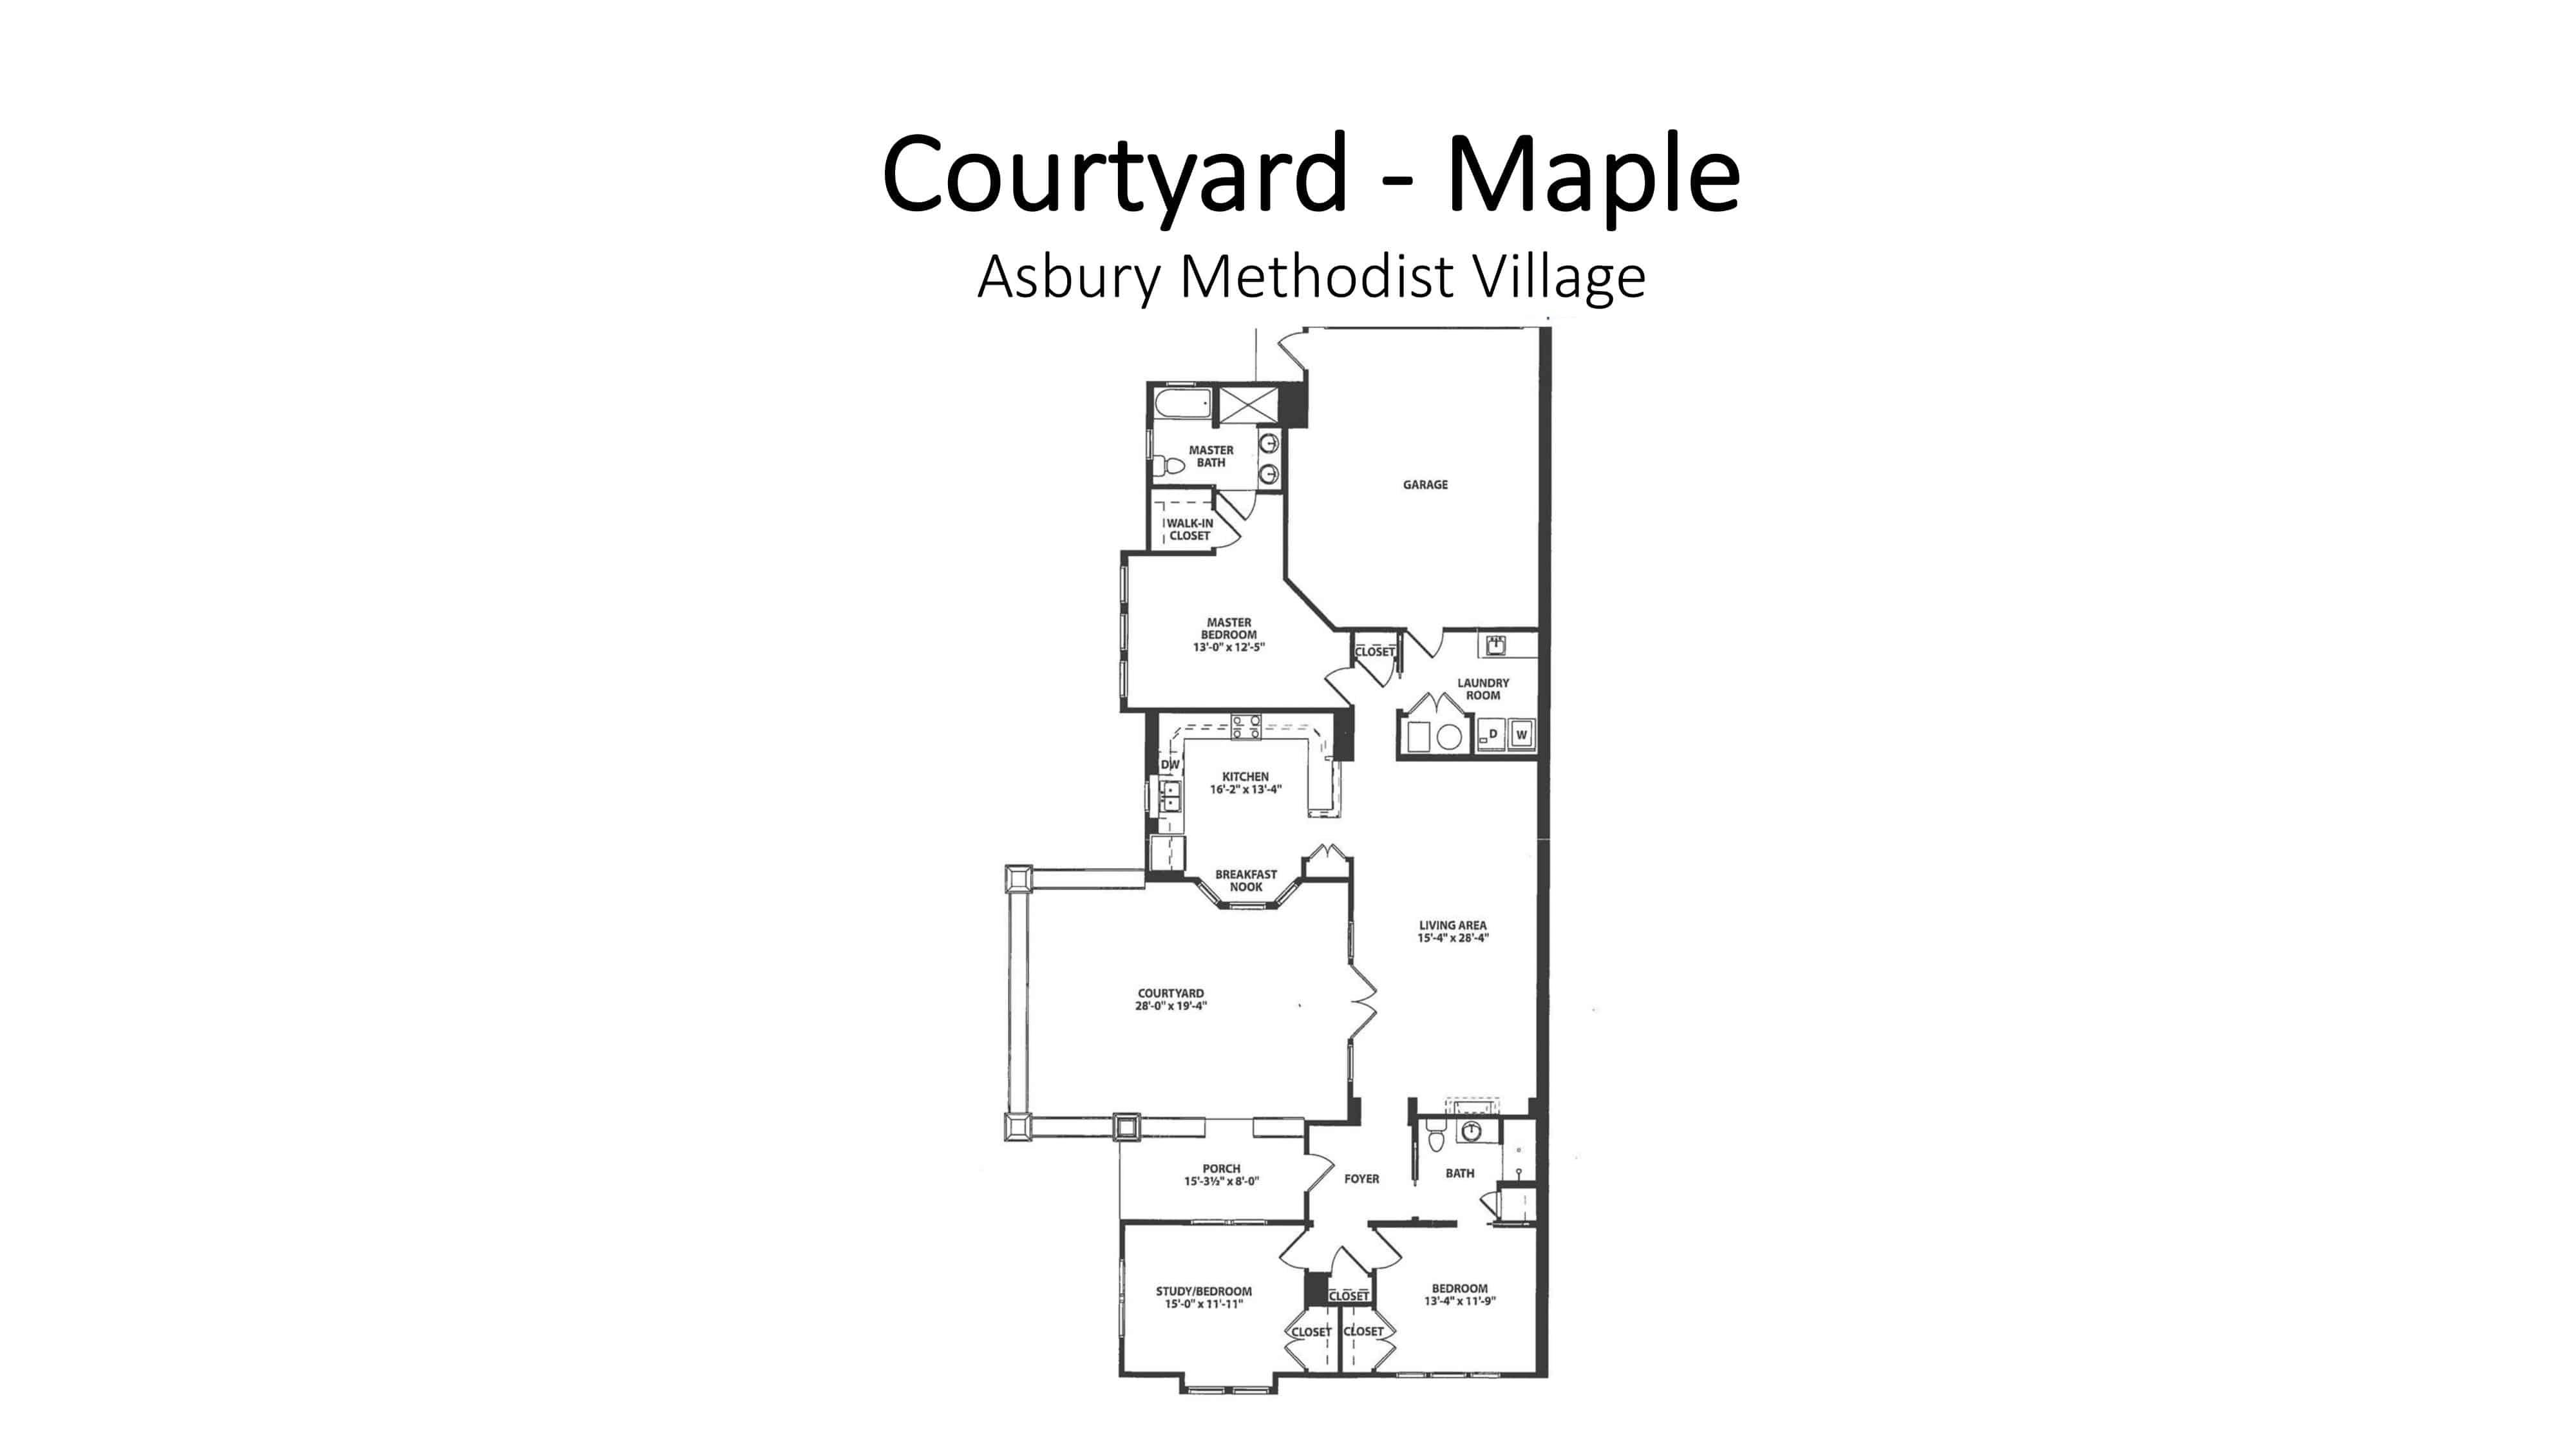 Asbury Methodist Village Courtyard - Maple